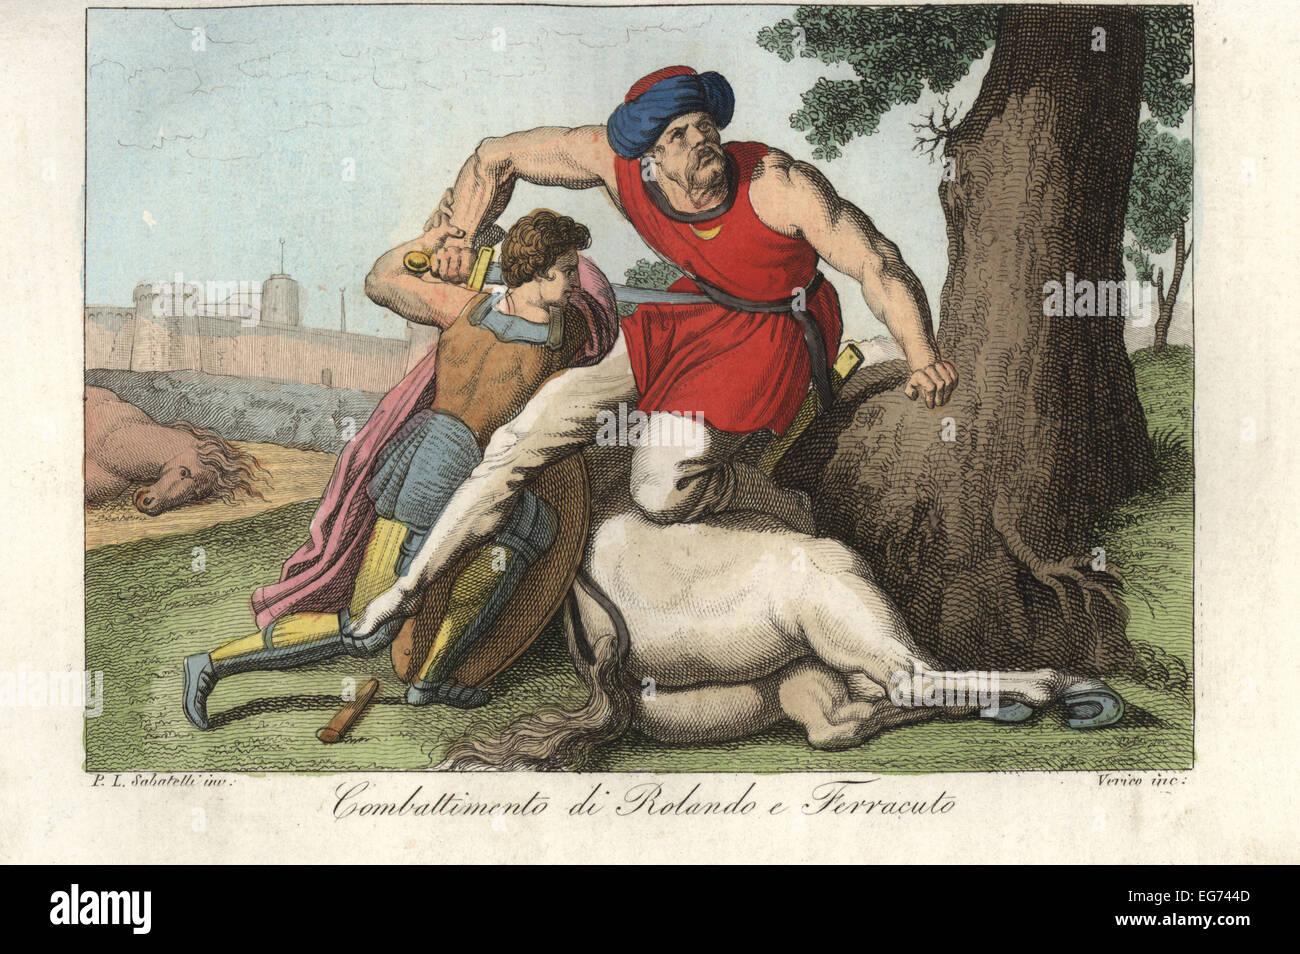 Der Kampf zwischen Roland und die riesigen Ferracut aus der Legende Karls des großen. Stockbild